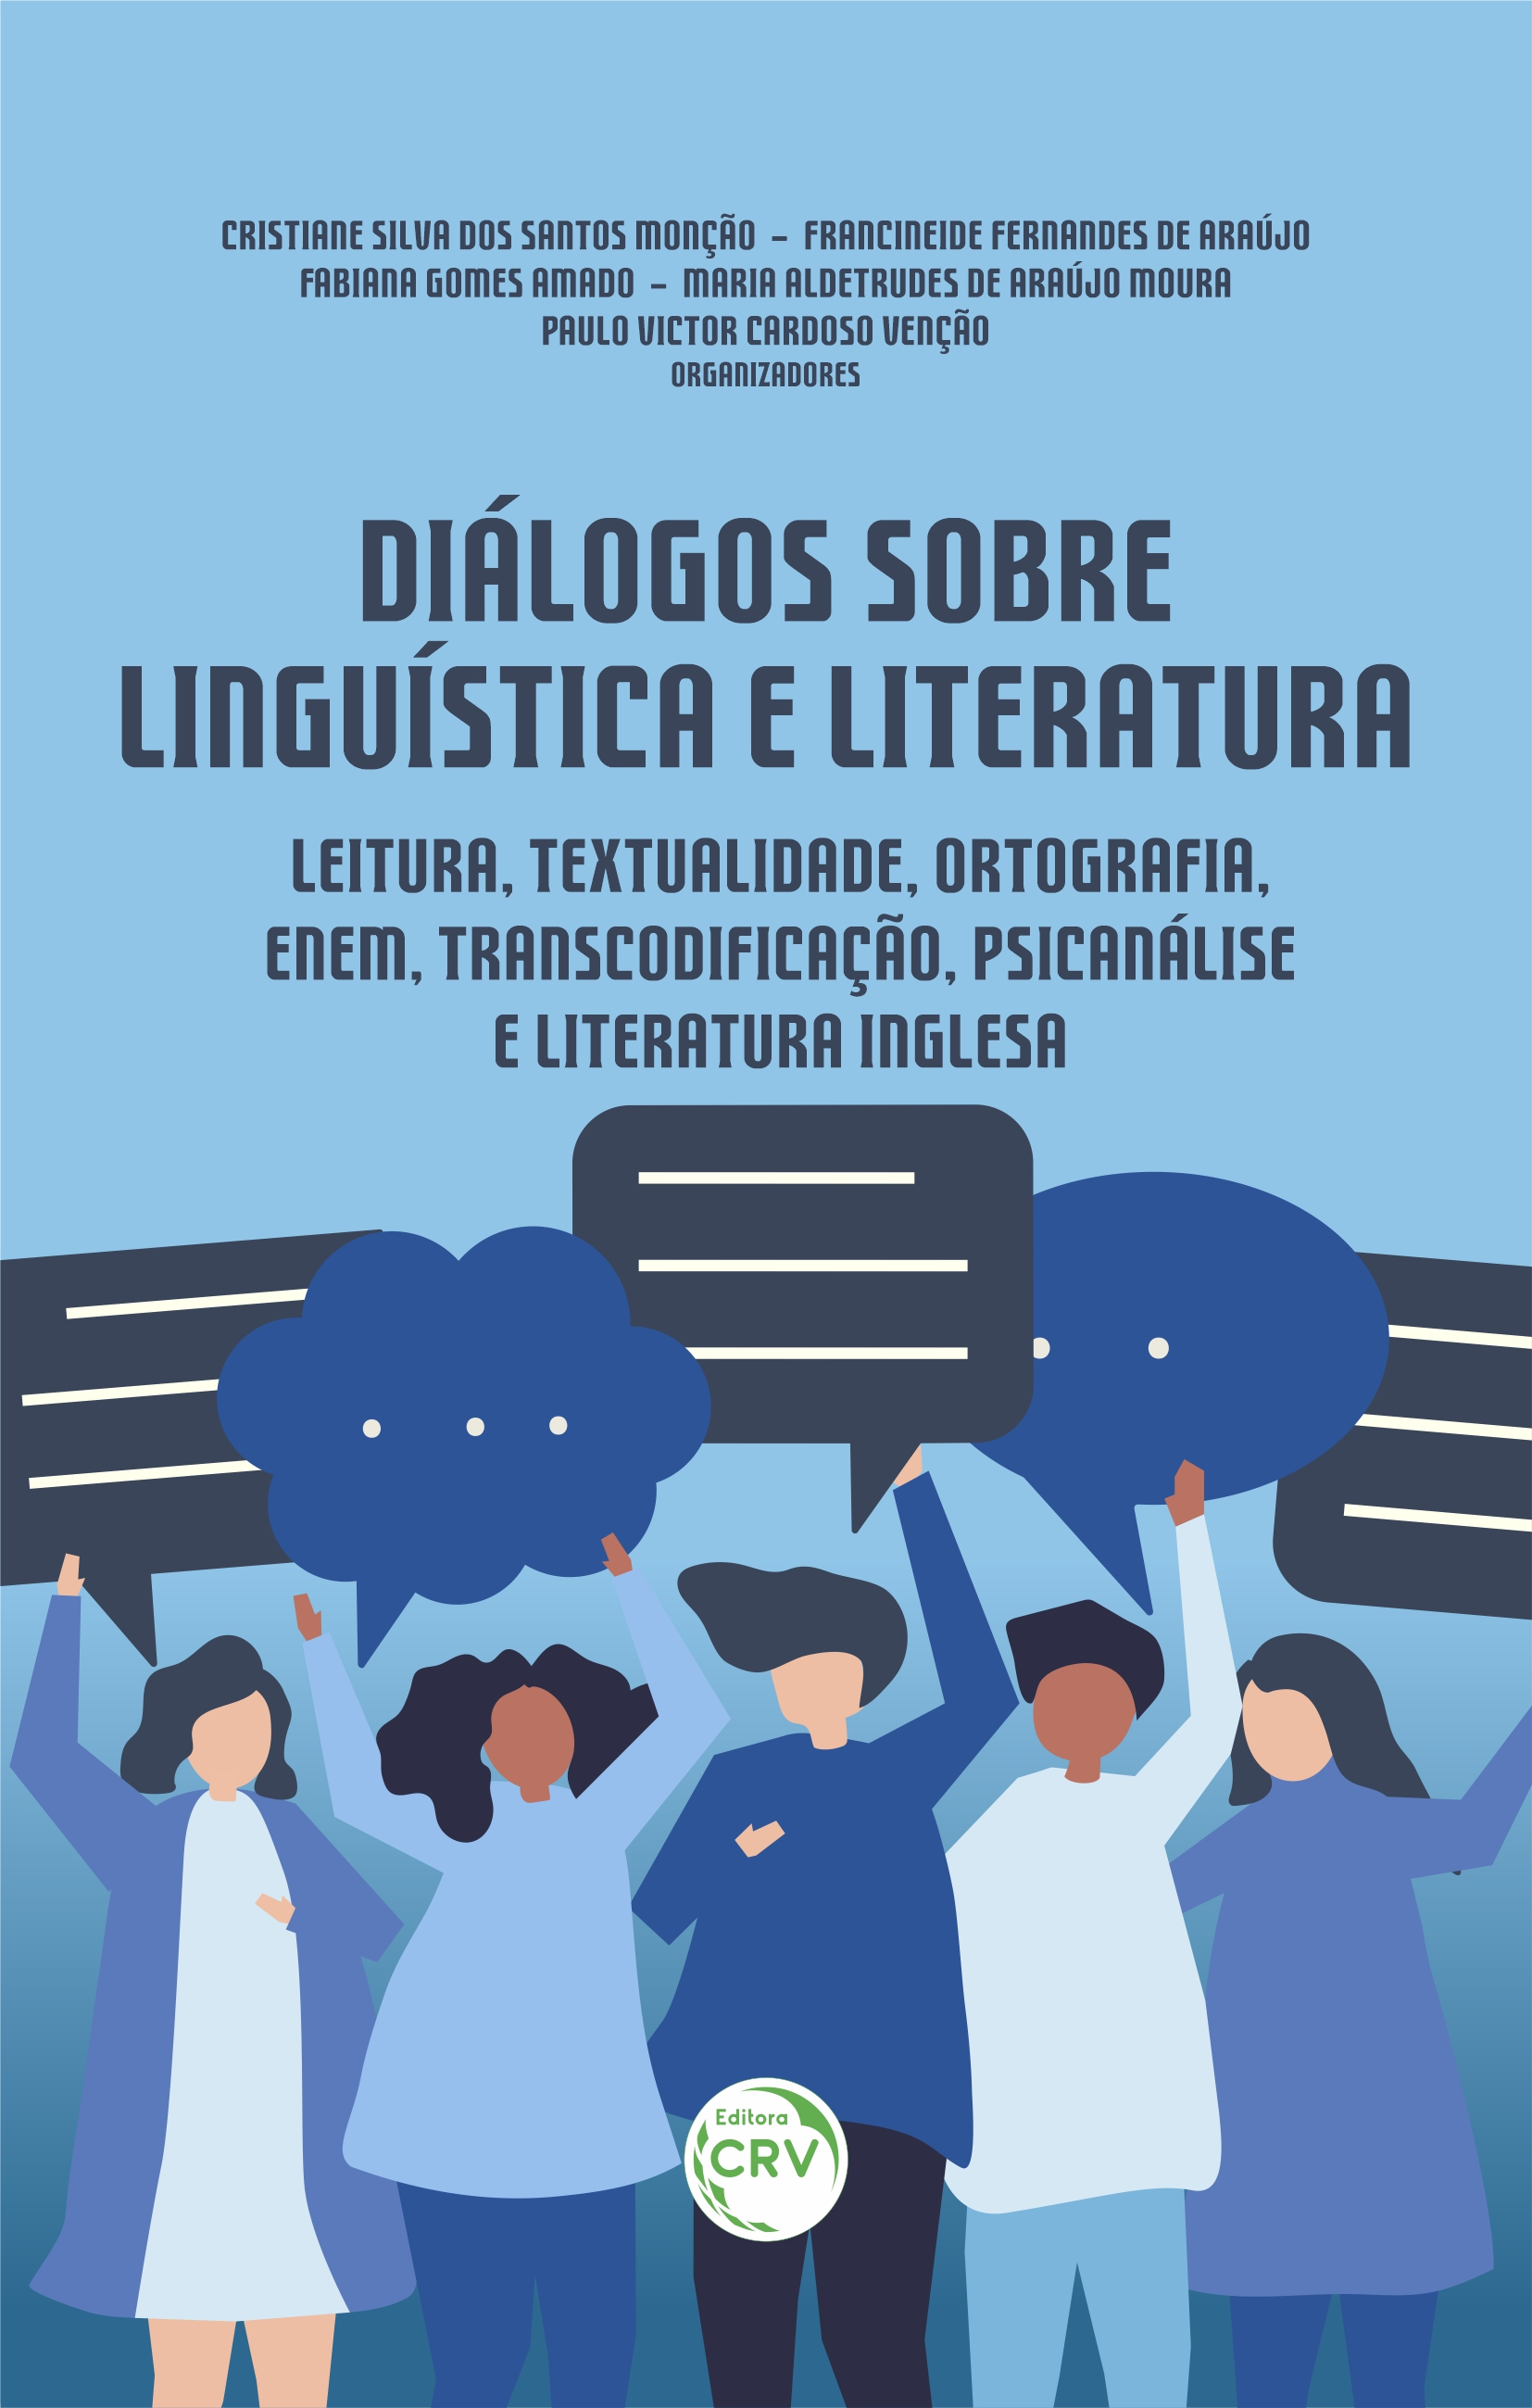 Capa do livro: DIÁLOGOS SOBRE LINGUÍSTICA E LITERATURA:<br> leitura, textualidade, ortografia, ENEM, transcodificação, psicanálise e literatura inglesa